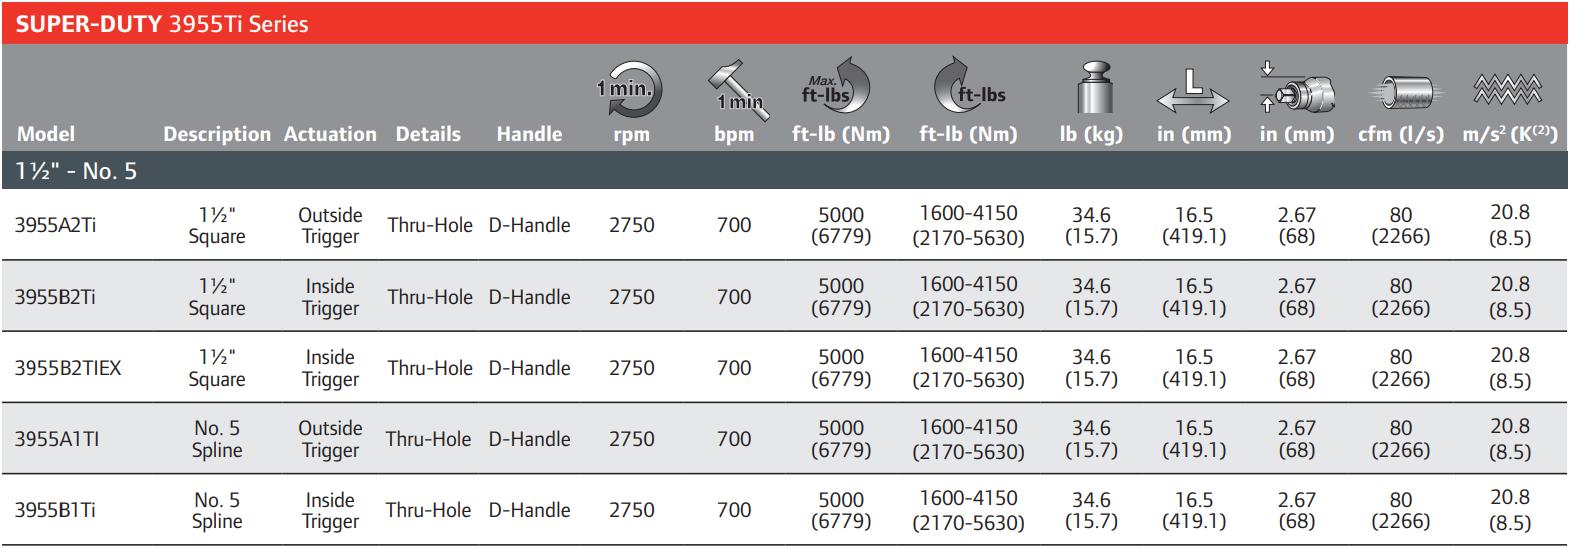 3955A2TI-Table